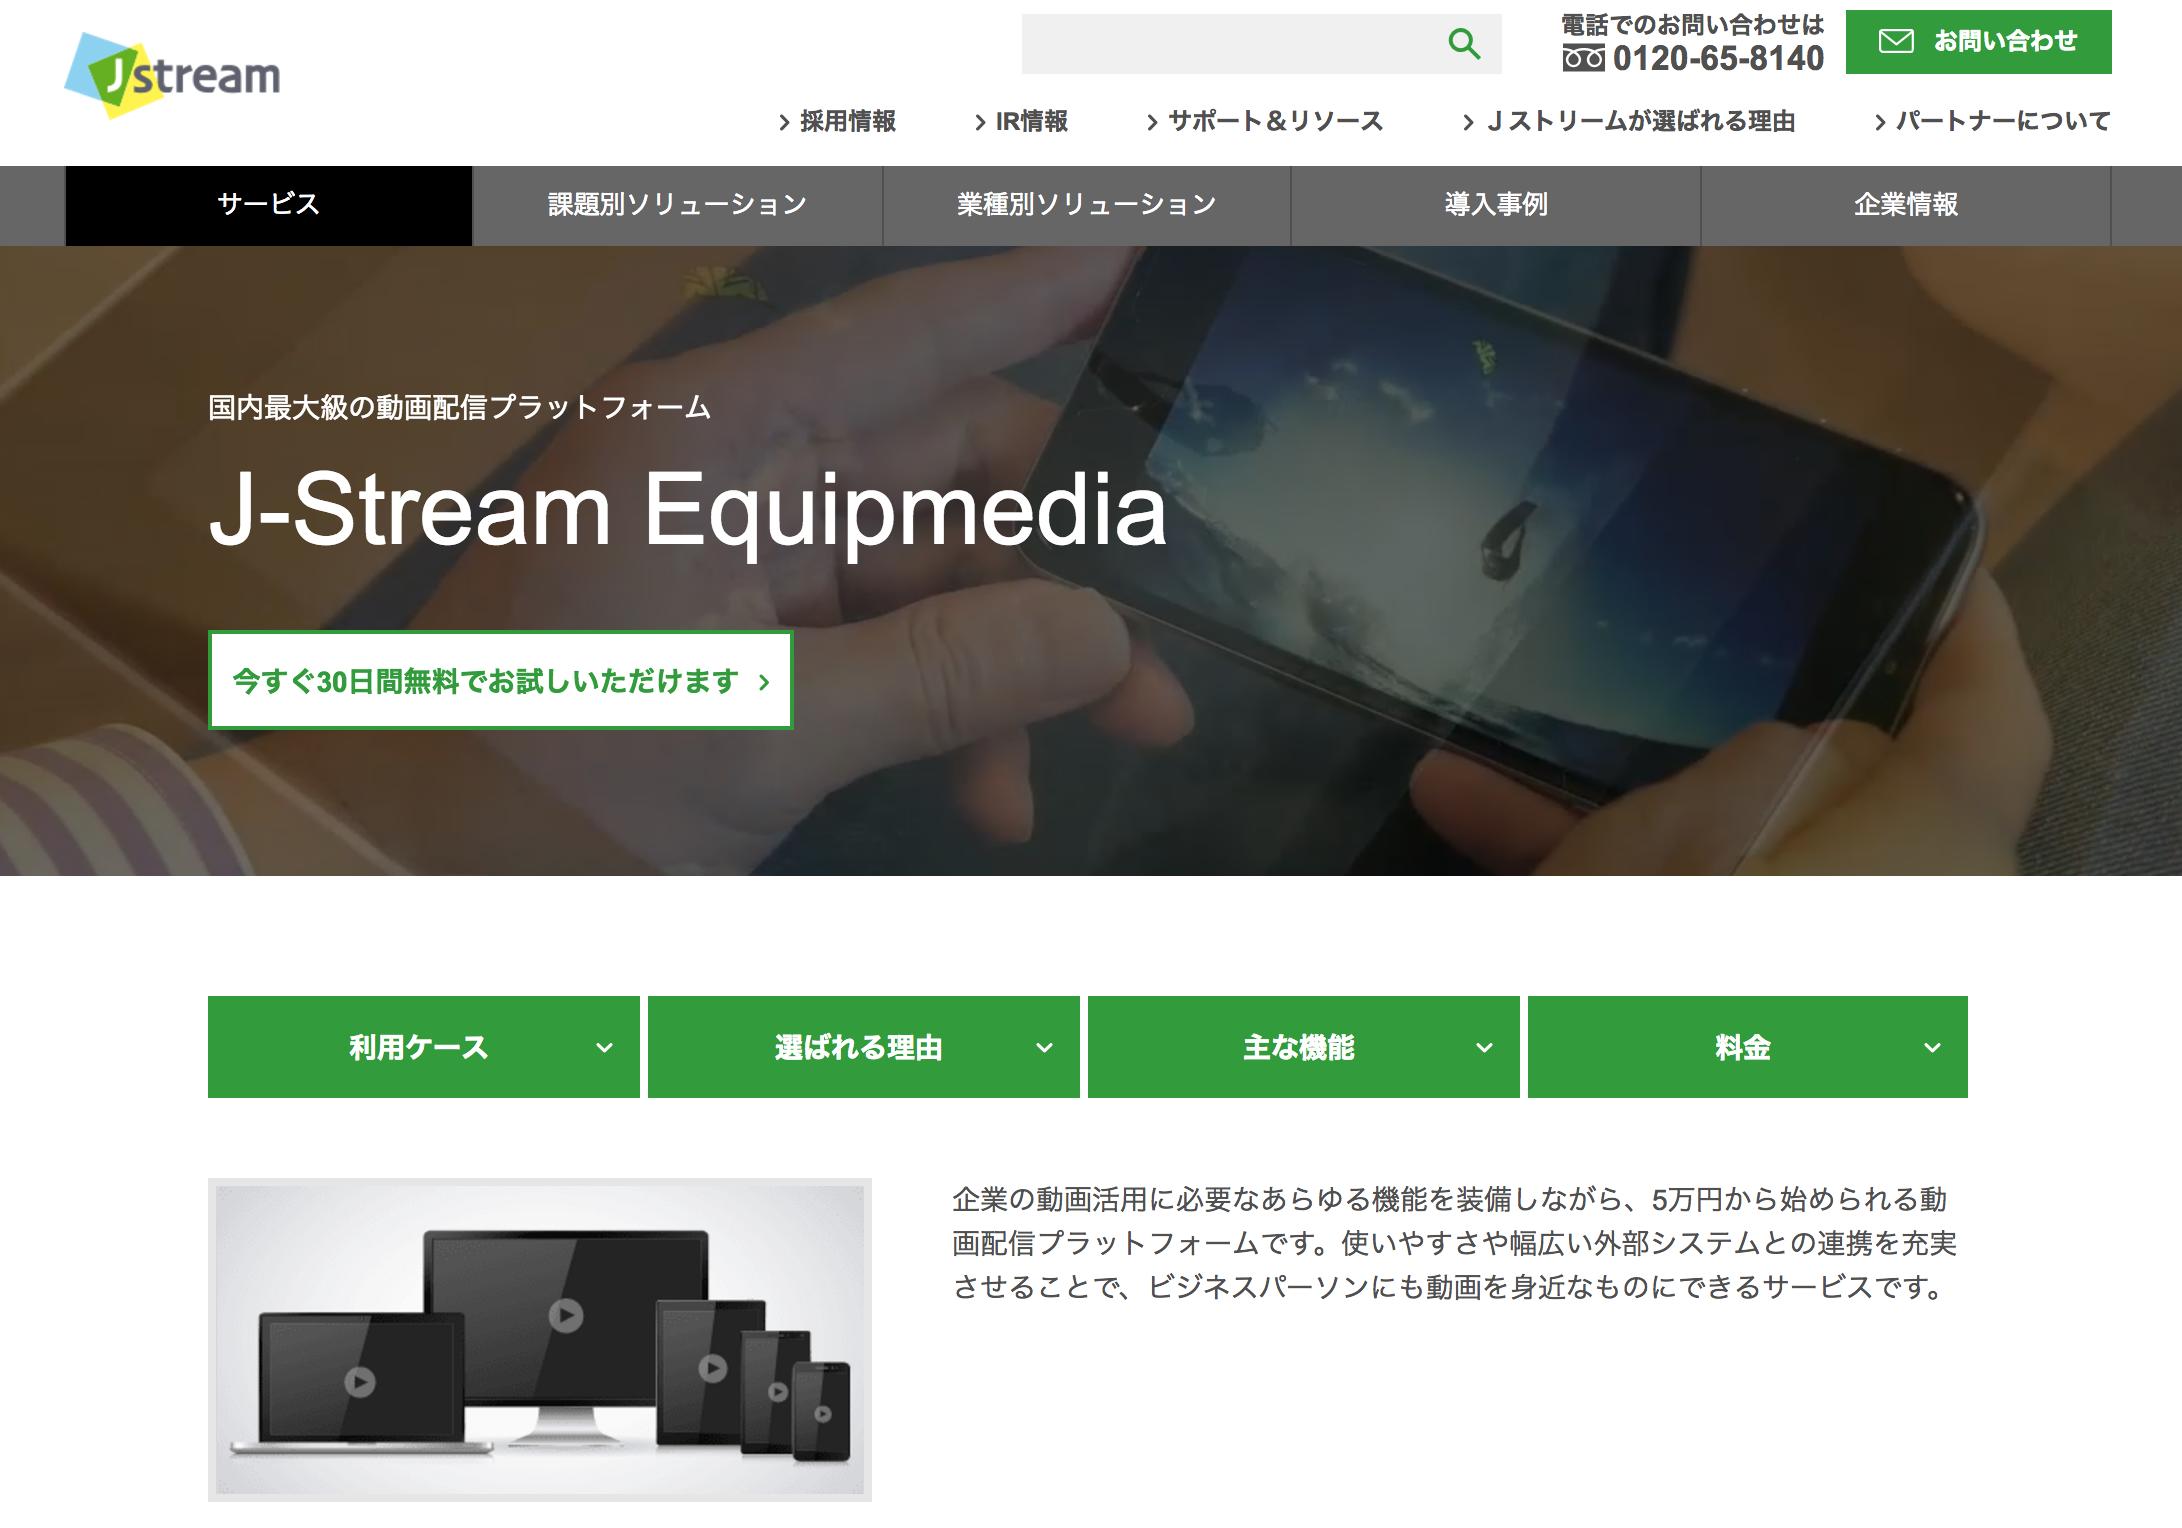 法人向け 有料動画配信システム の 選定 ポイント と 比較 まとめ一覧について J-Stream Equipmedia / Jストリーム